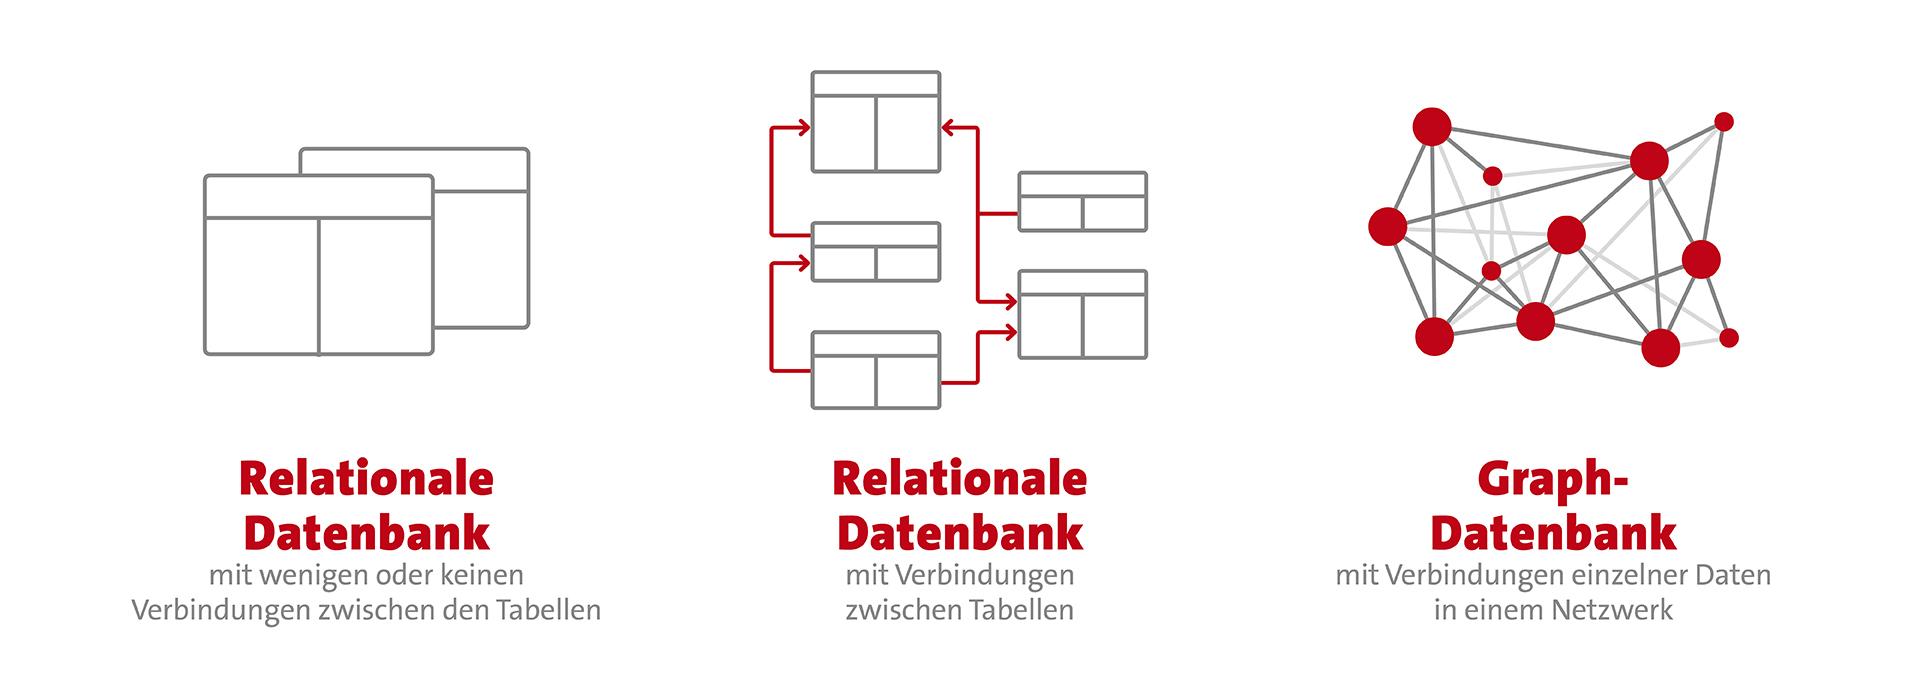 Die Vernetzung von Daten mithilfe unterschiedlicher Datenbanksysteme